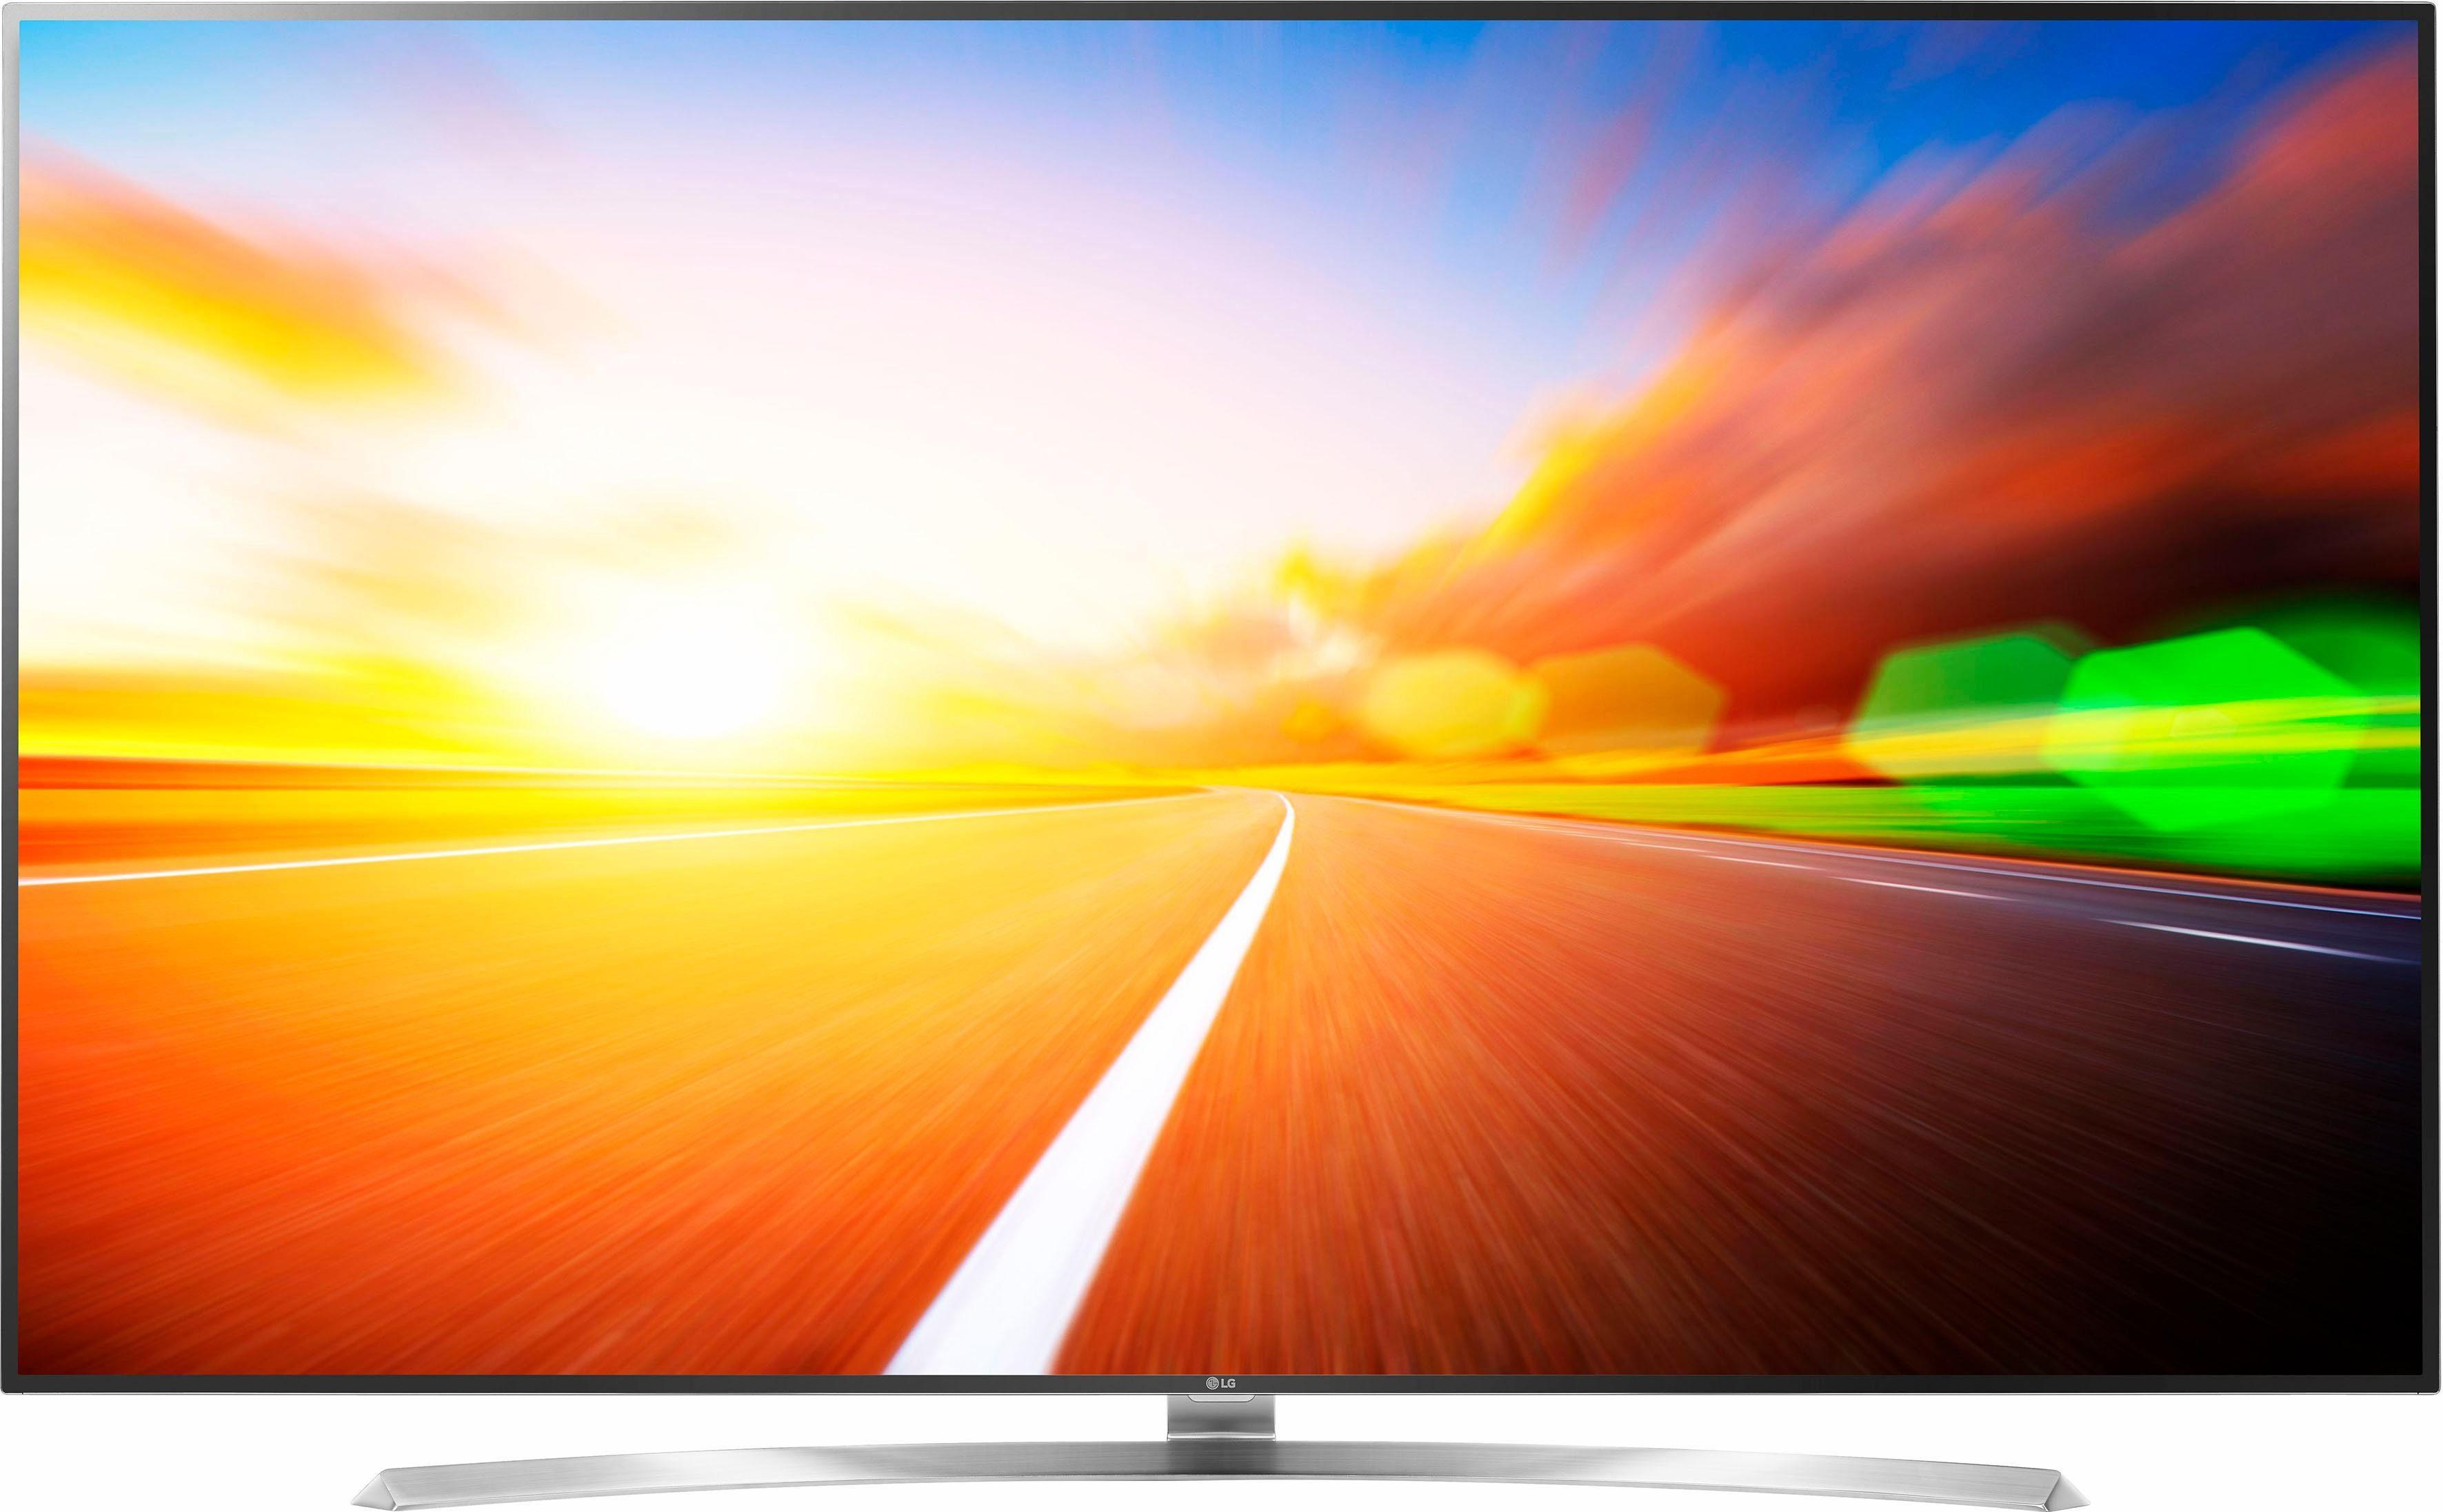 LG 75SJ955V LED Fernseher (189 cm / 75 Zoll, UHD/4K, Smart-TV)